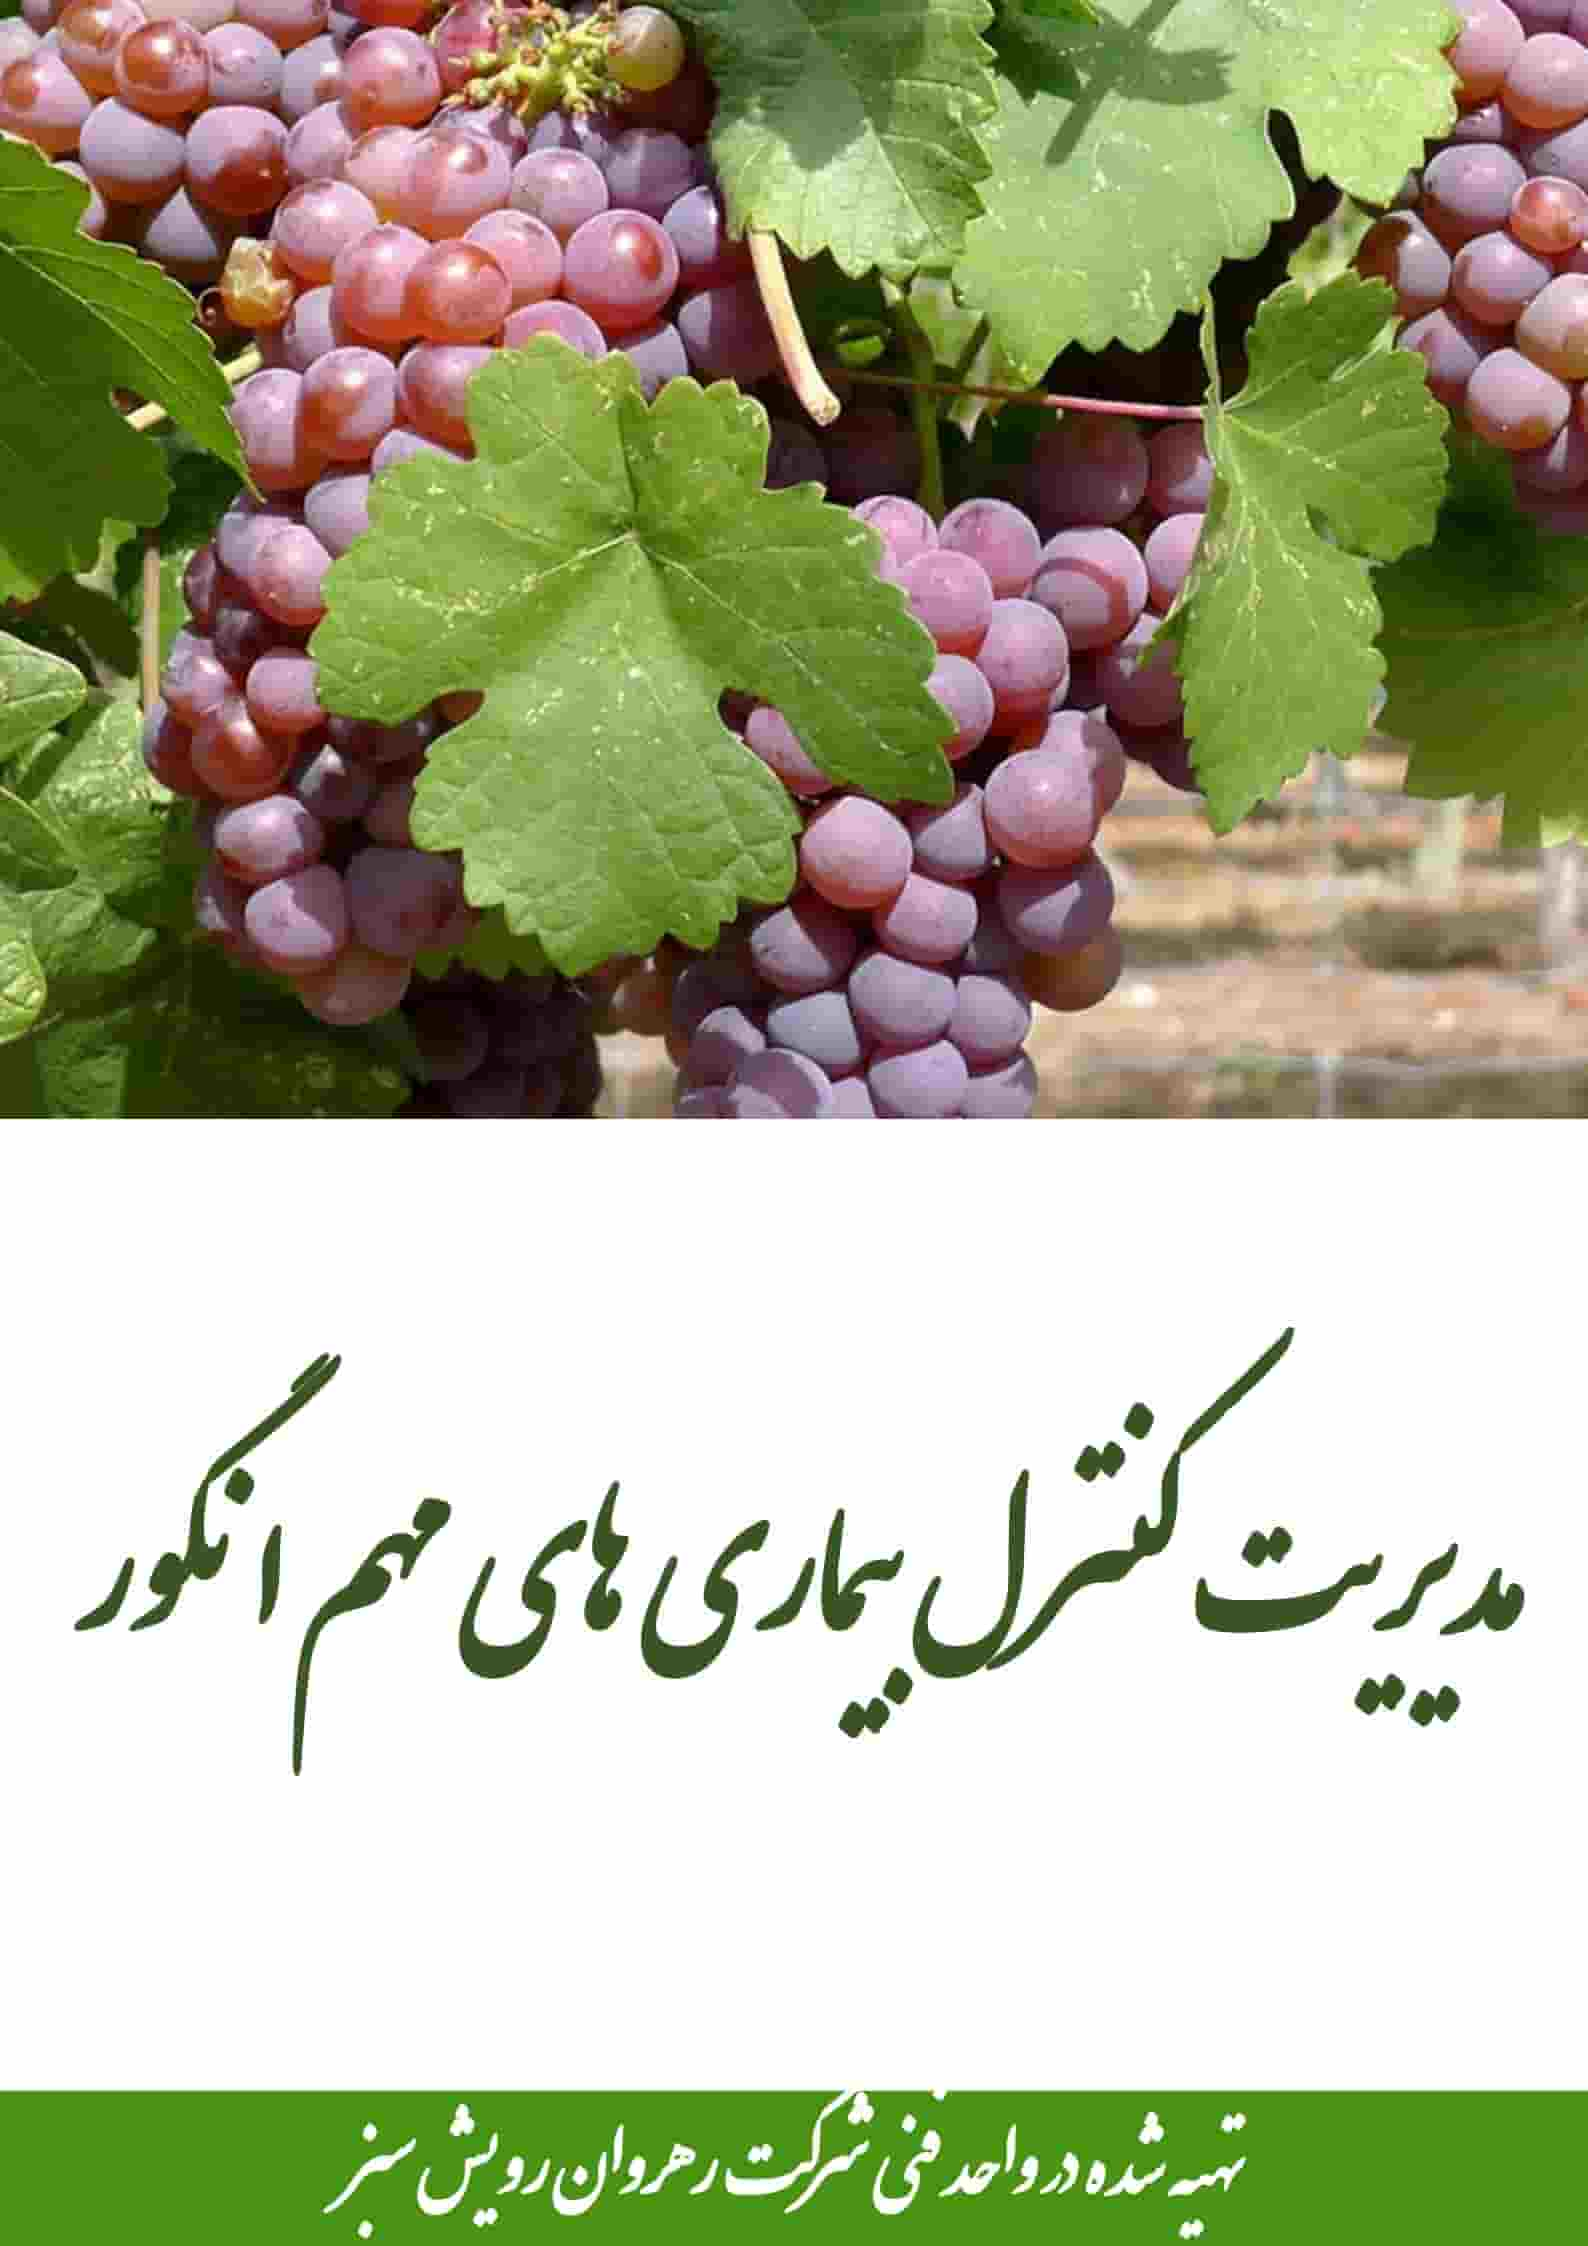 کنترل بیماری های مهم انگور